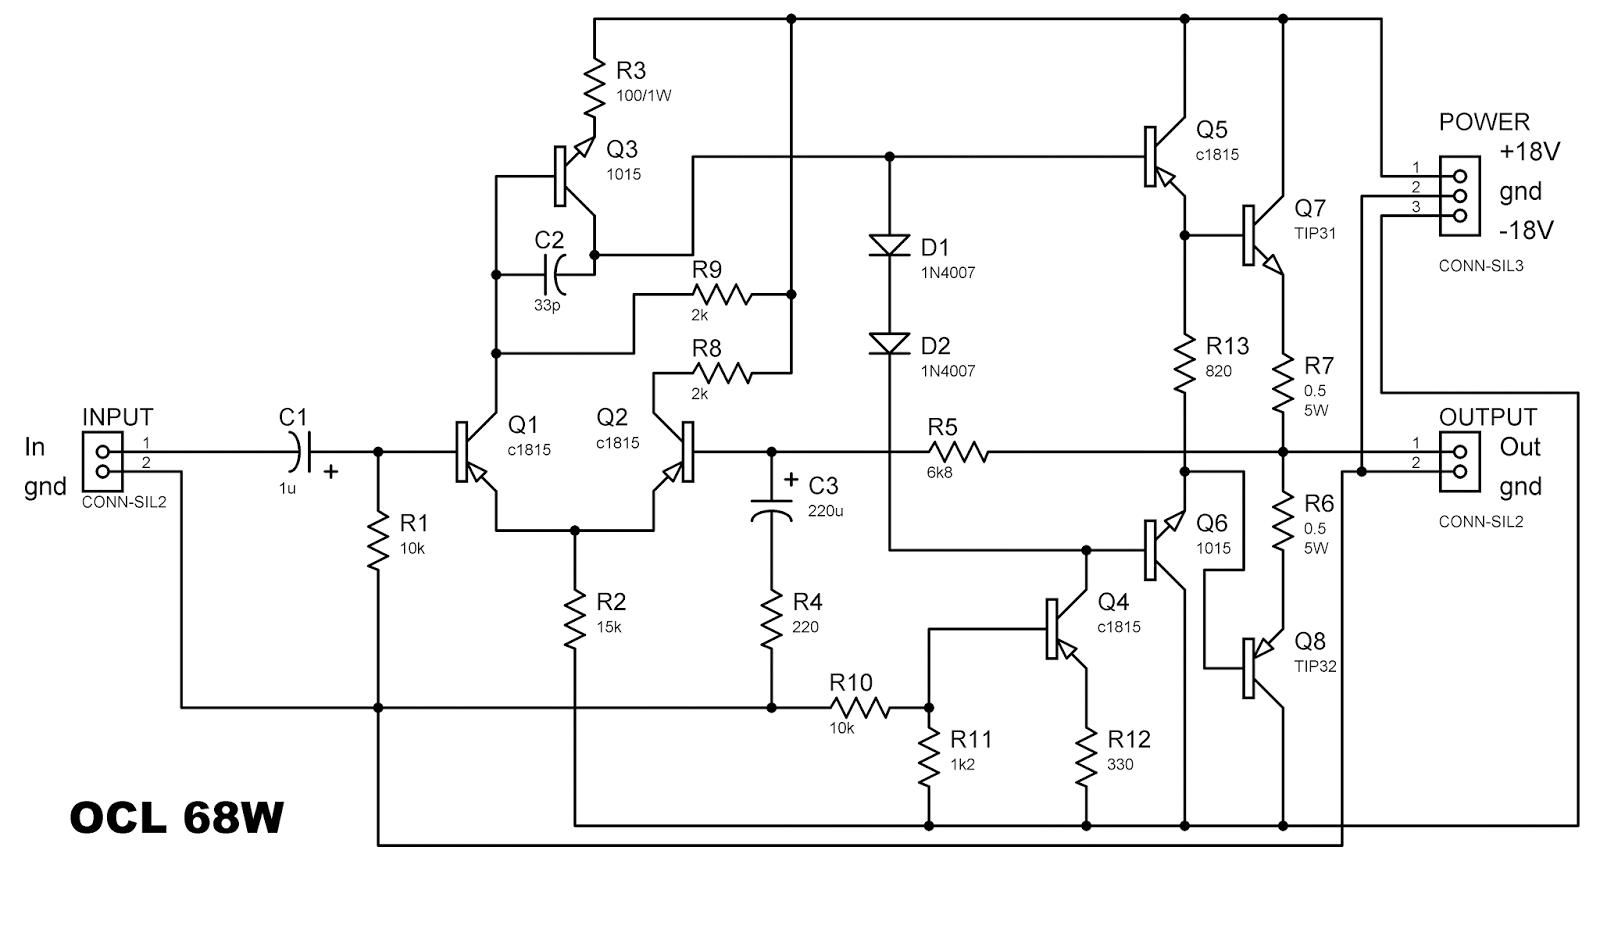 Ocl 68 Watt Power Amplifier In